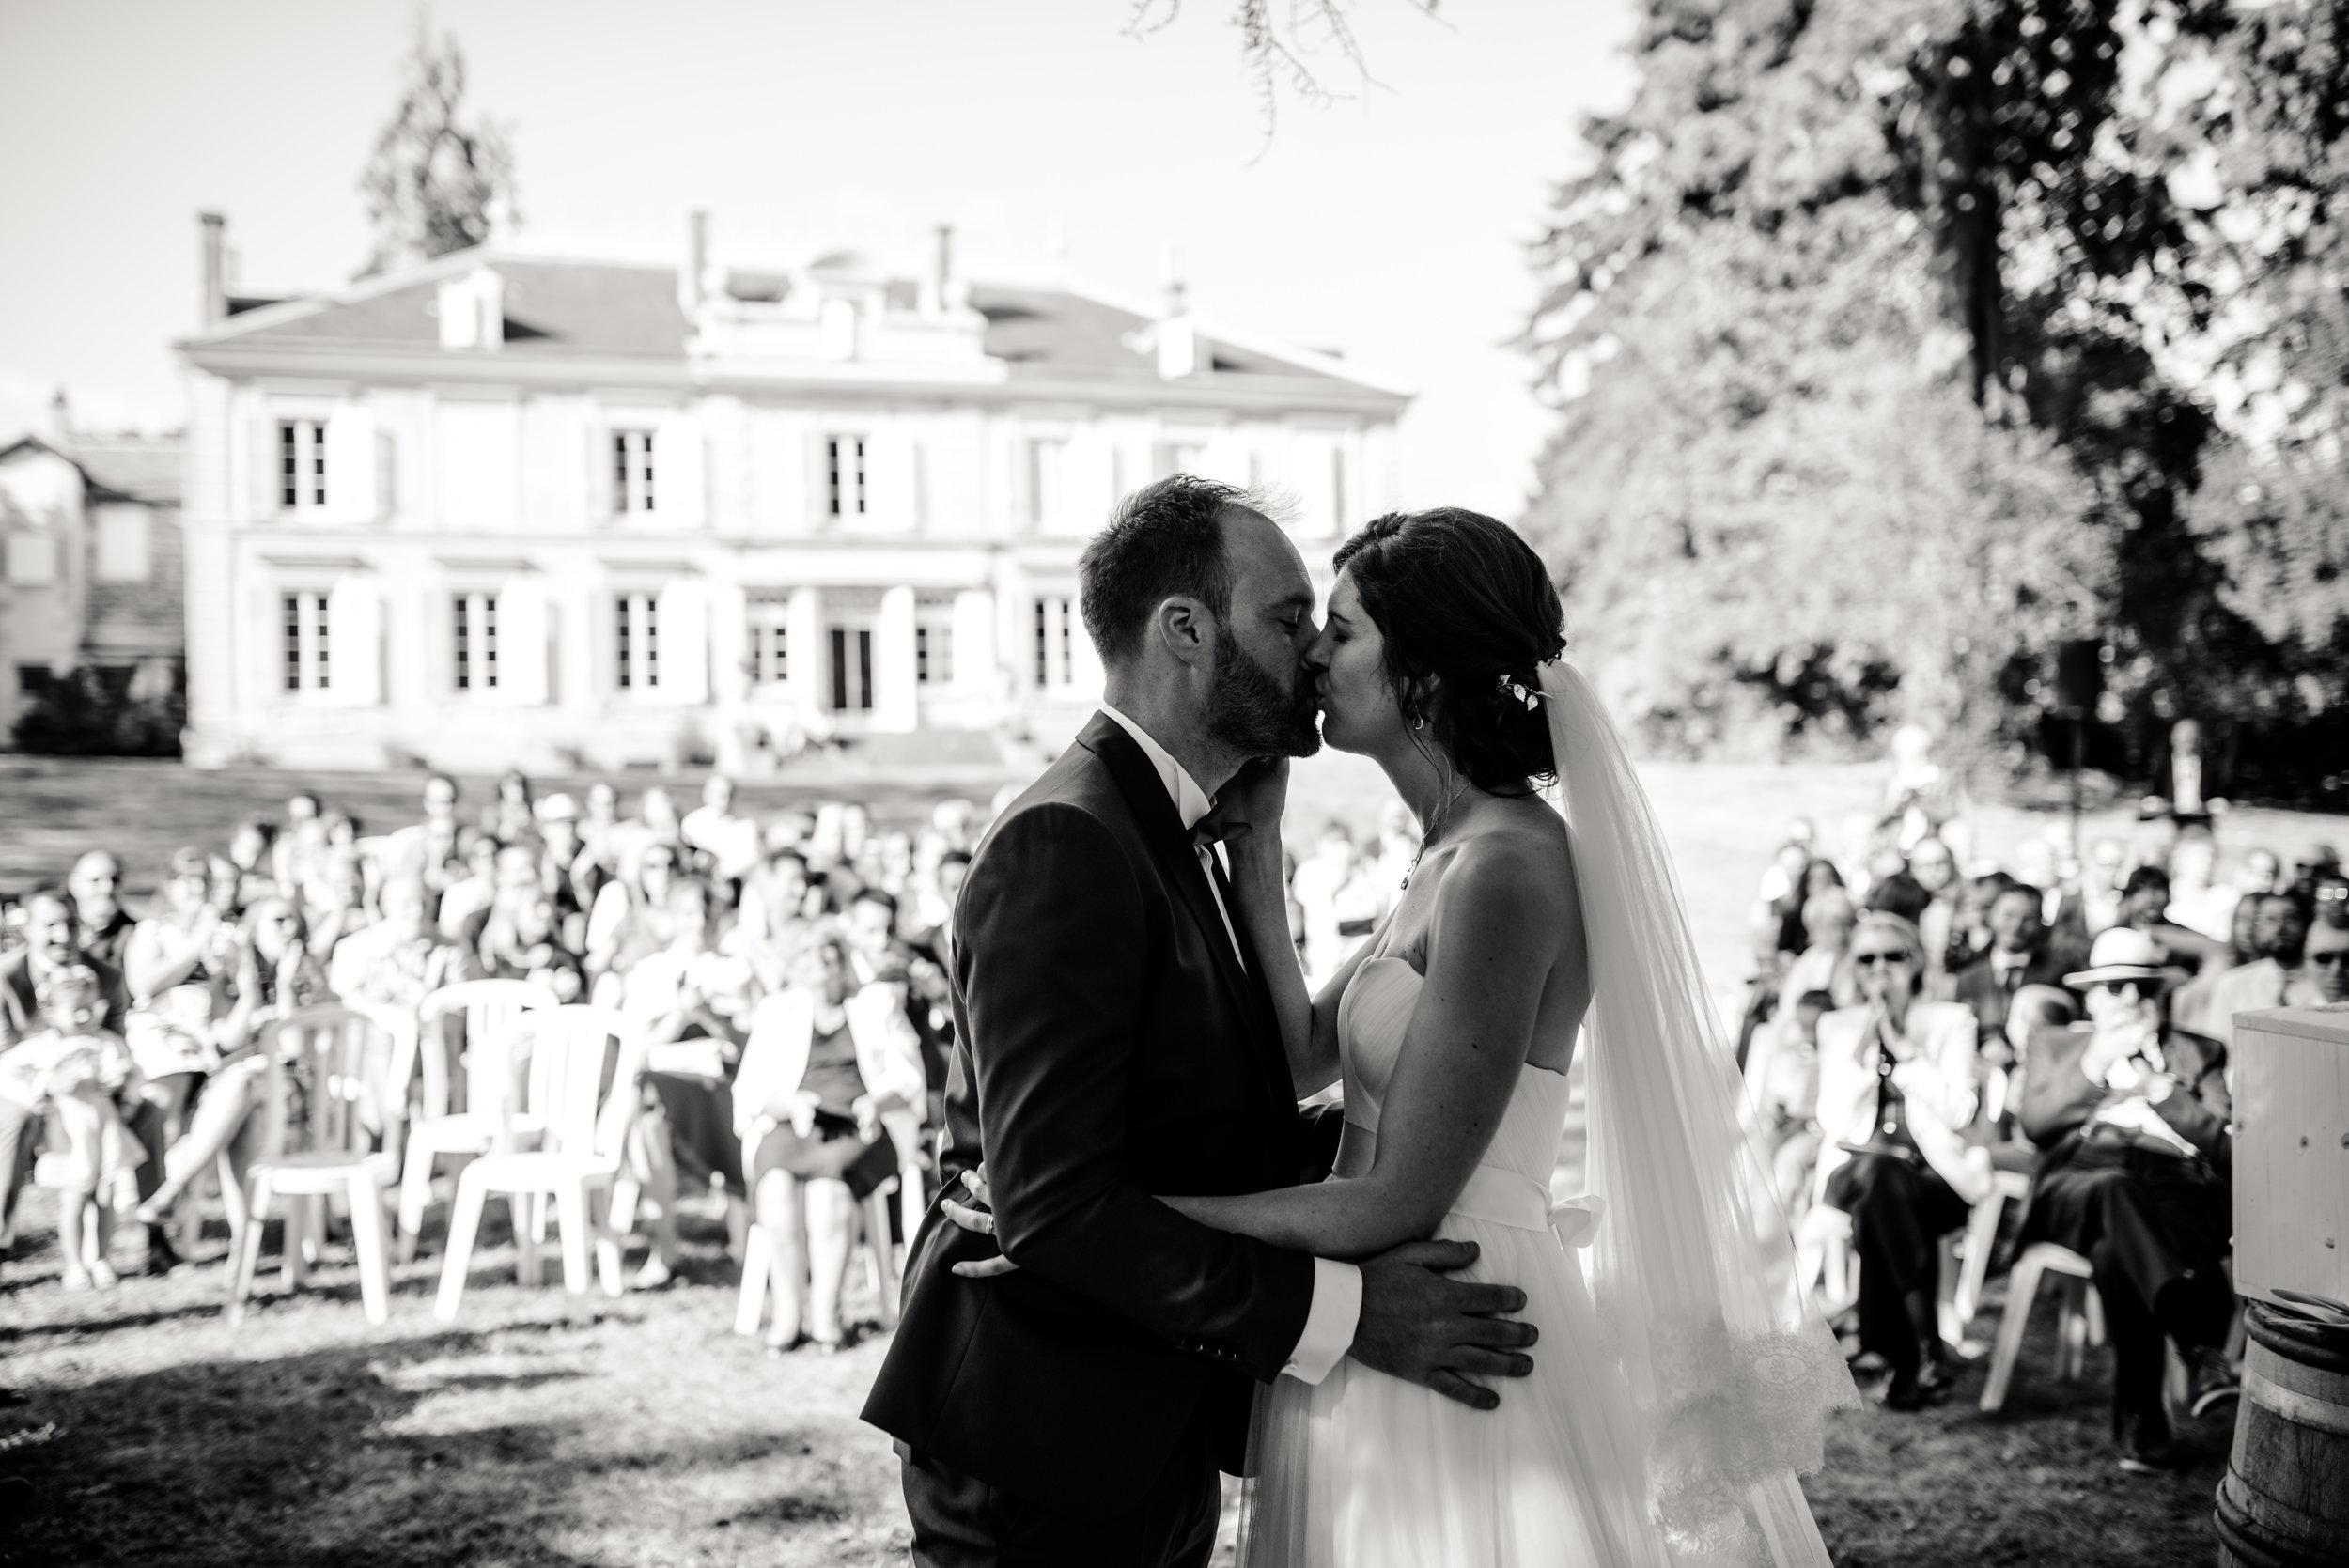 Léa-Fery-photographe-professionnel-lyon-rhone-alpes-portrait-creation-mariage-evenement-evenementiel-famille--35.jpg